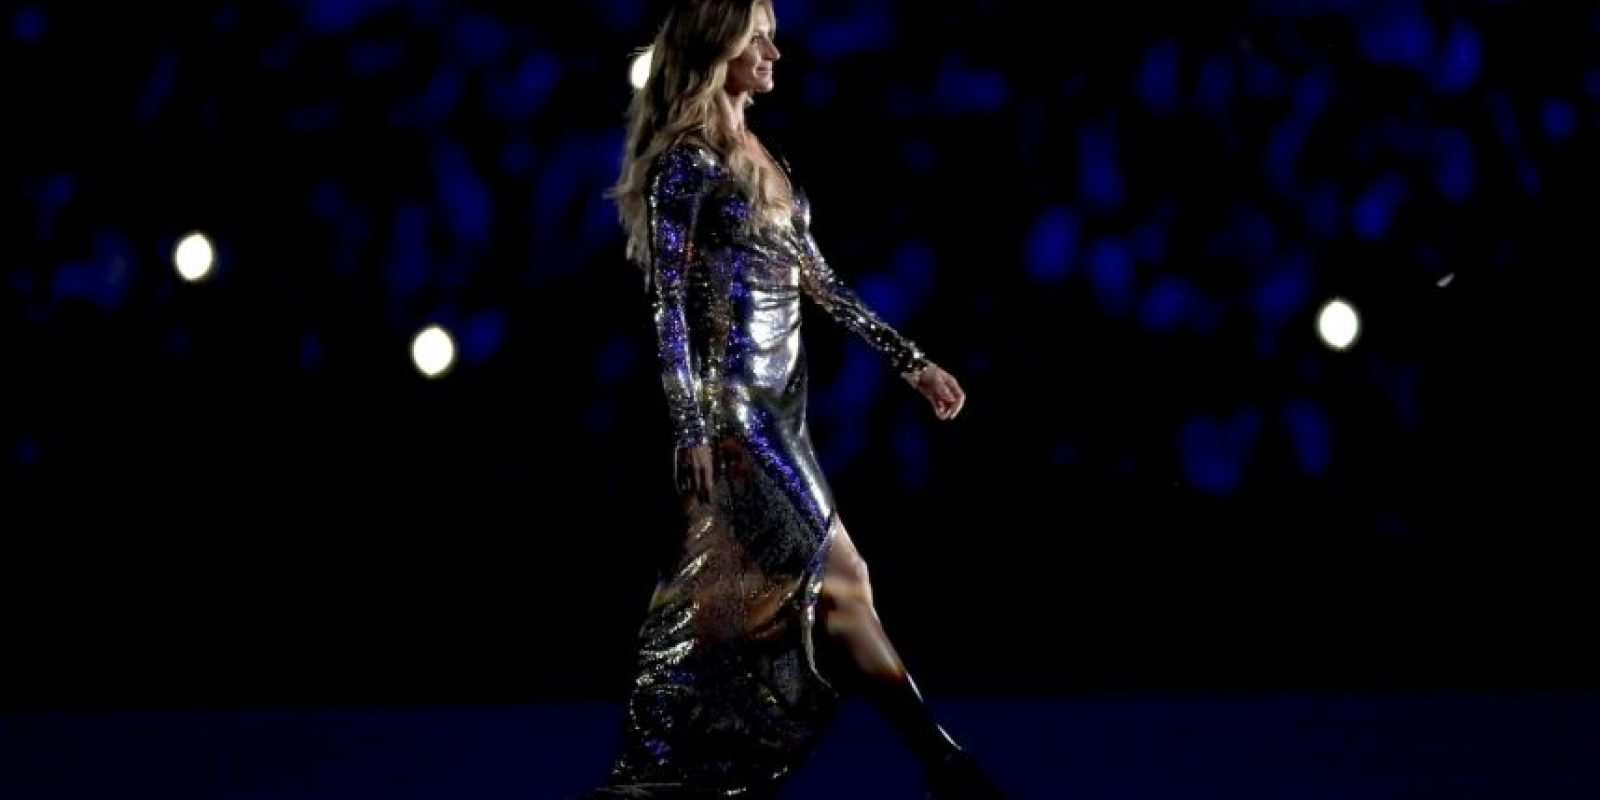 Las mejores imágenes de Gisele Bünchen en la inauguración de los Juegos Olímpicos de Río 2016 Foto:Getty Images